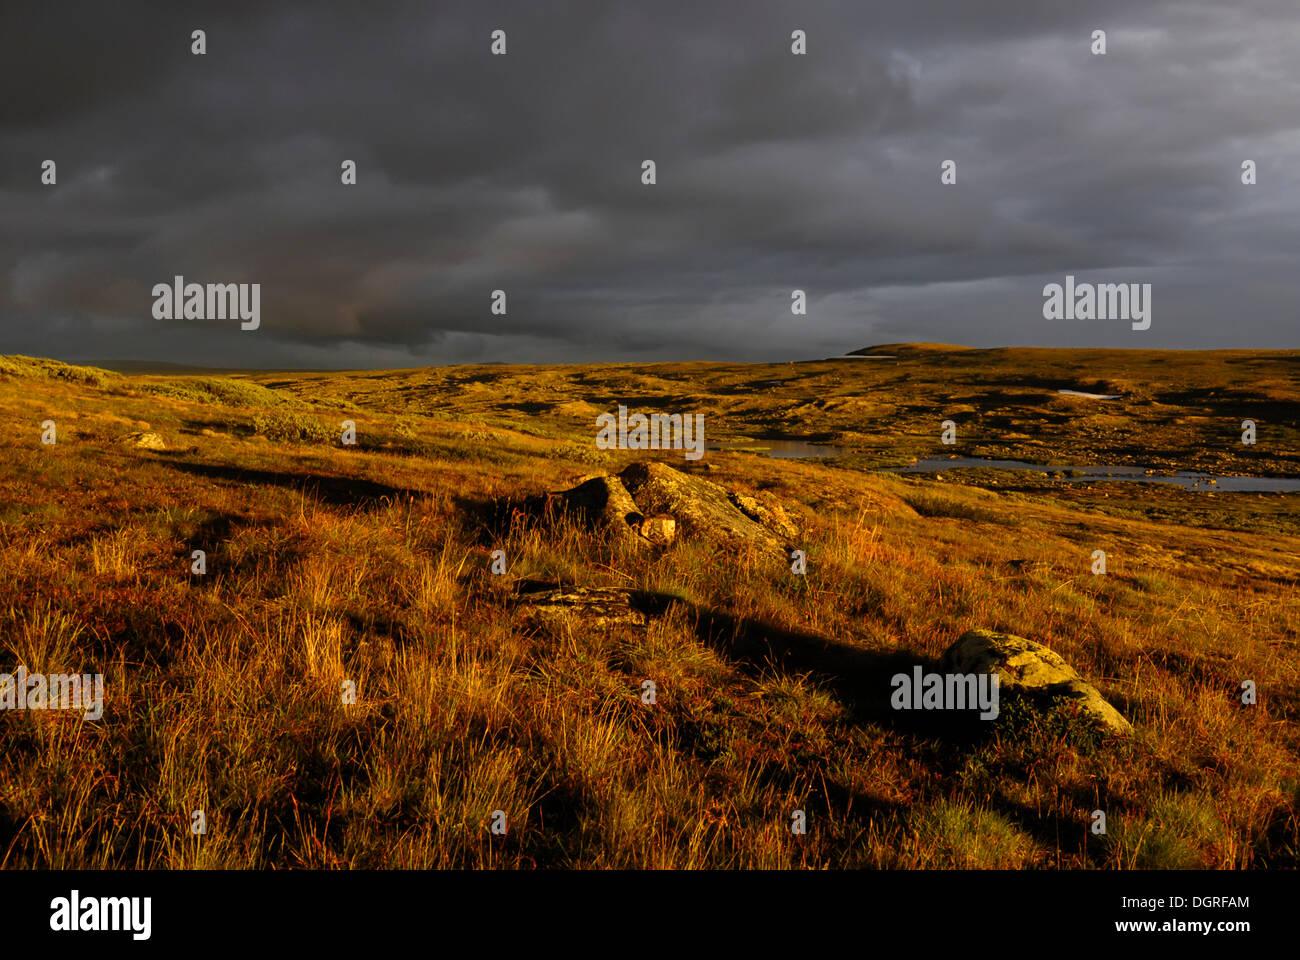 Abendlicht auf die hardangervidda, Hardanger vidda, plateaufjell und Europas größte Hochebene, Norwegen, Europa Stockbild